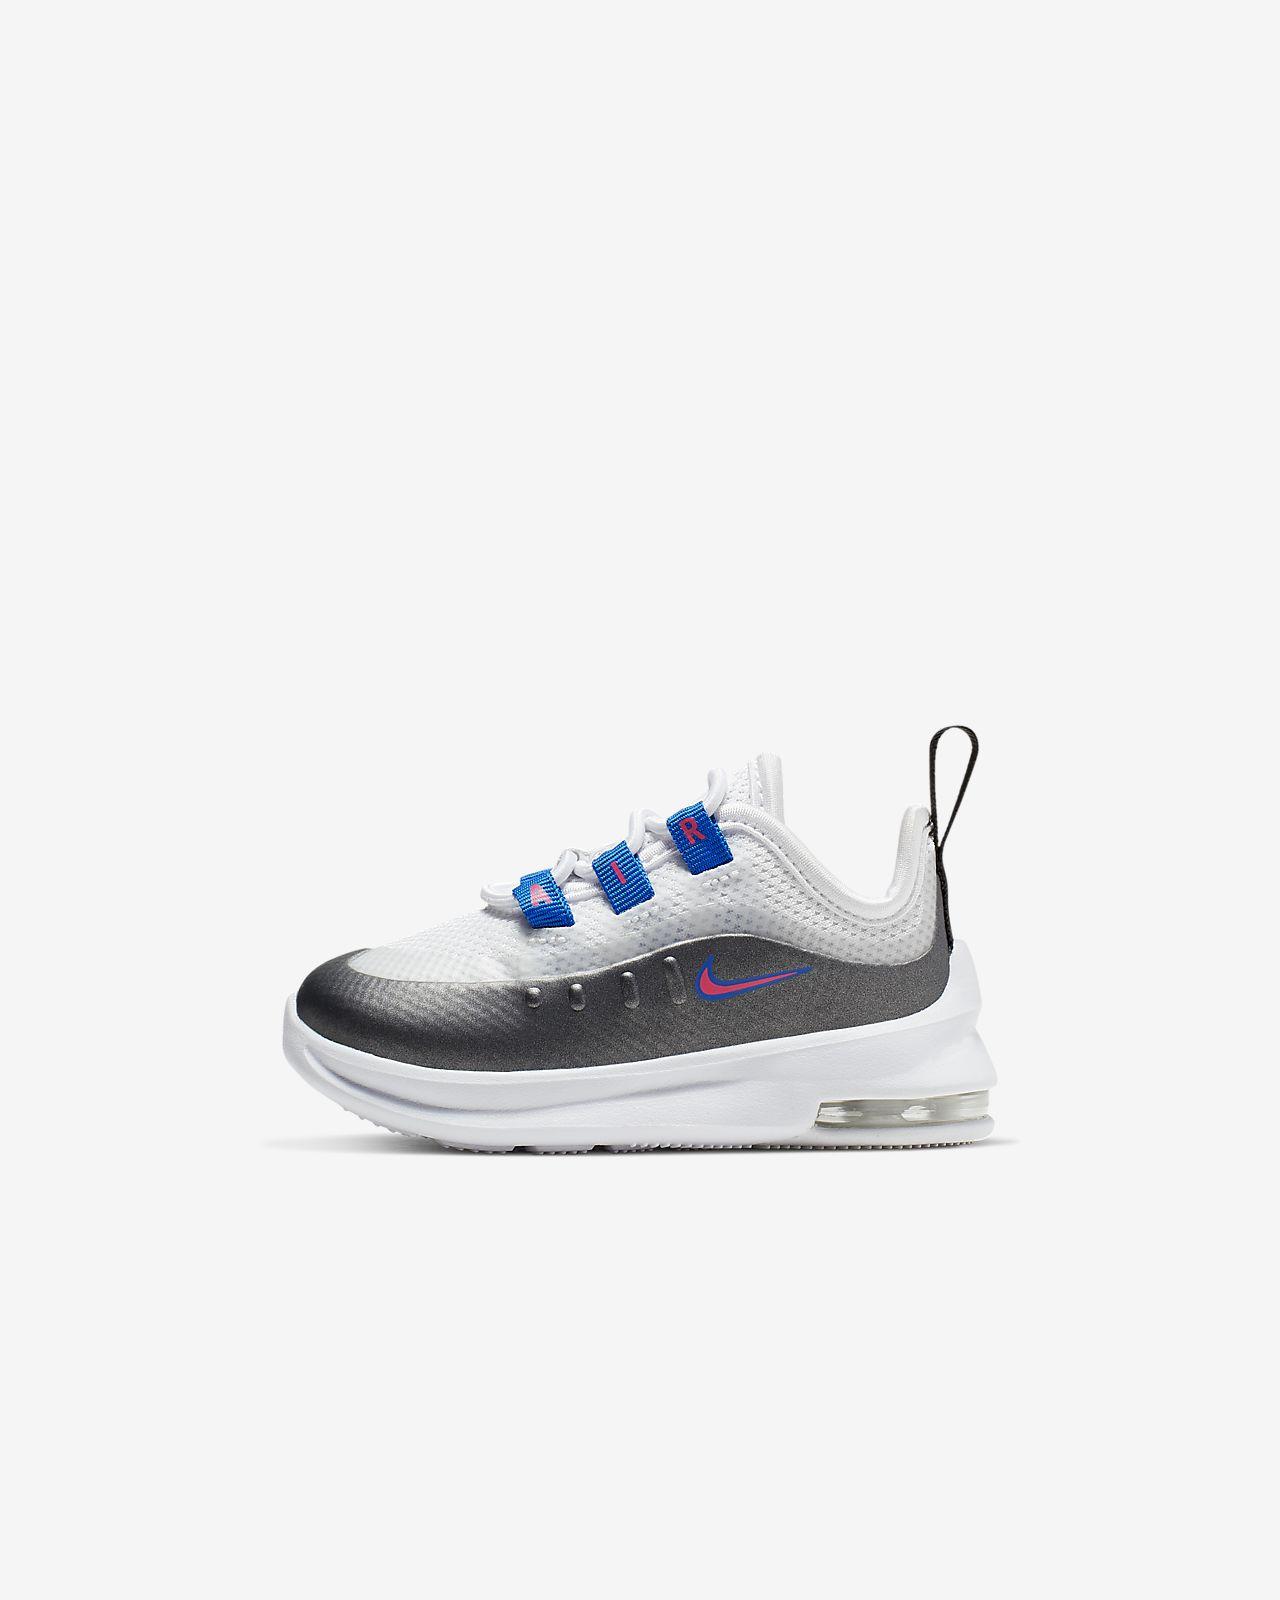 Nike Air Max Axis Schoen voor baby's/peuters